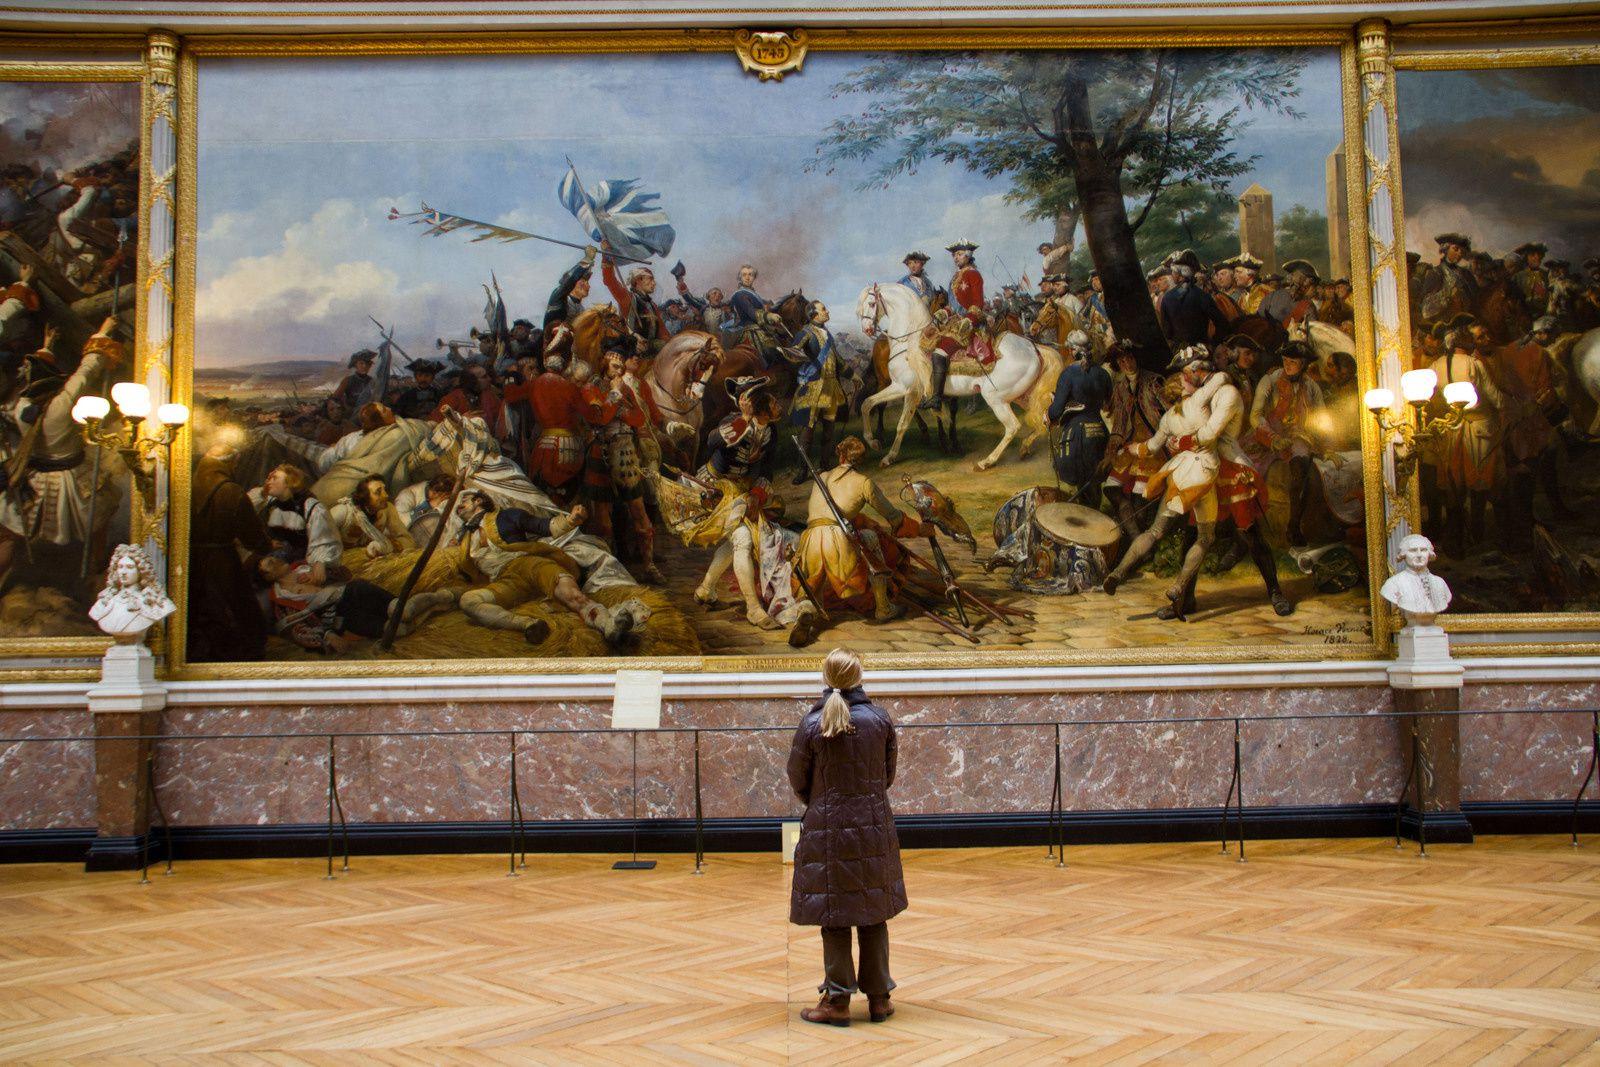 La galerie des batailles : bataille de Bouvines (1214), bataille de Fontenoy (1745), bataille d'Austerlitz (1805)